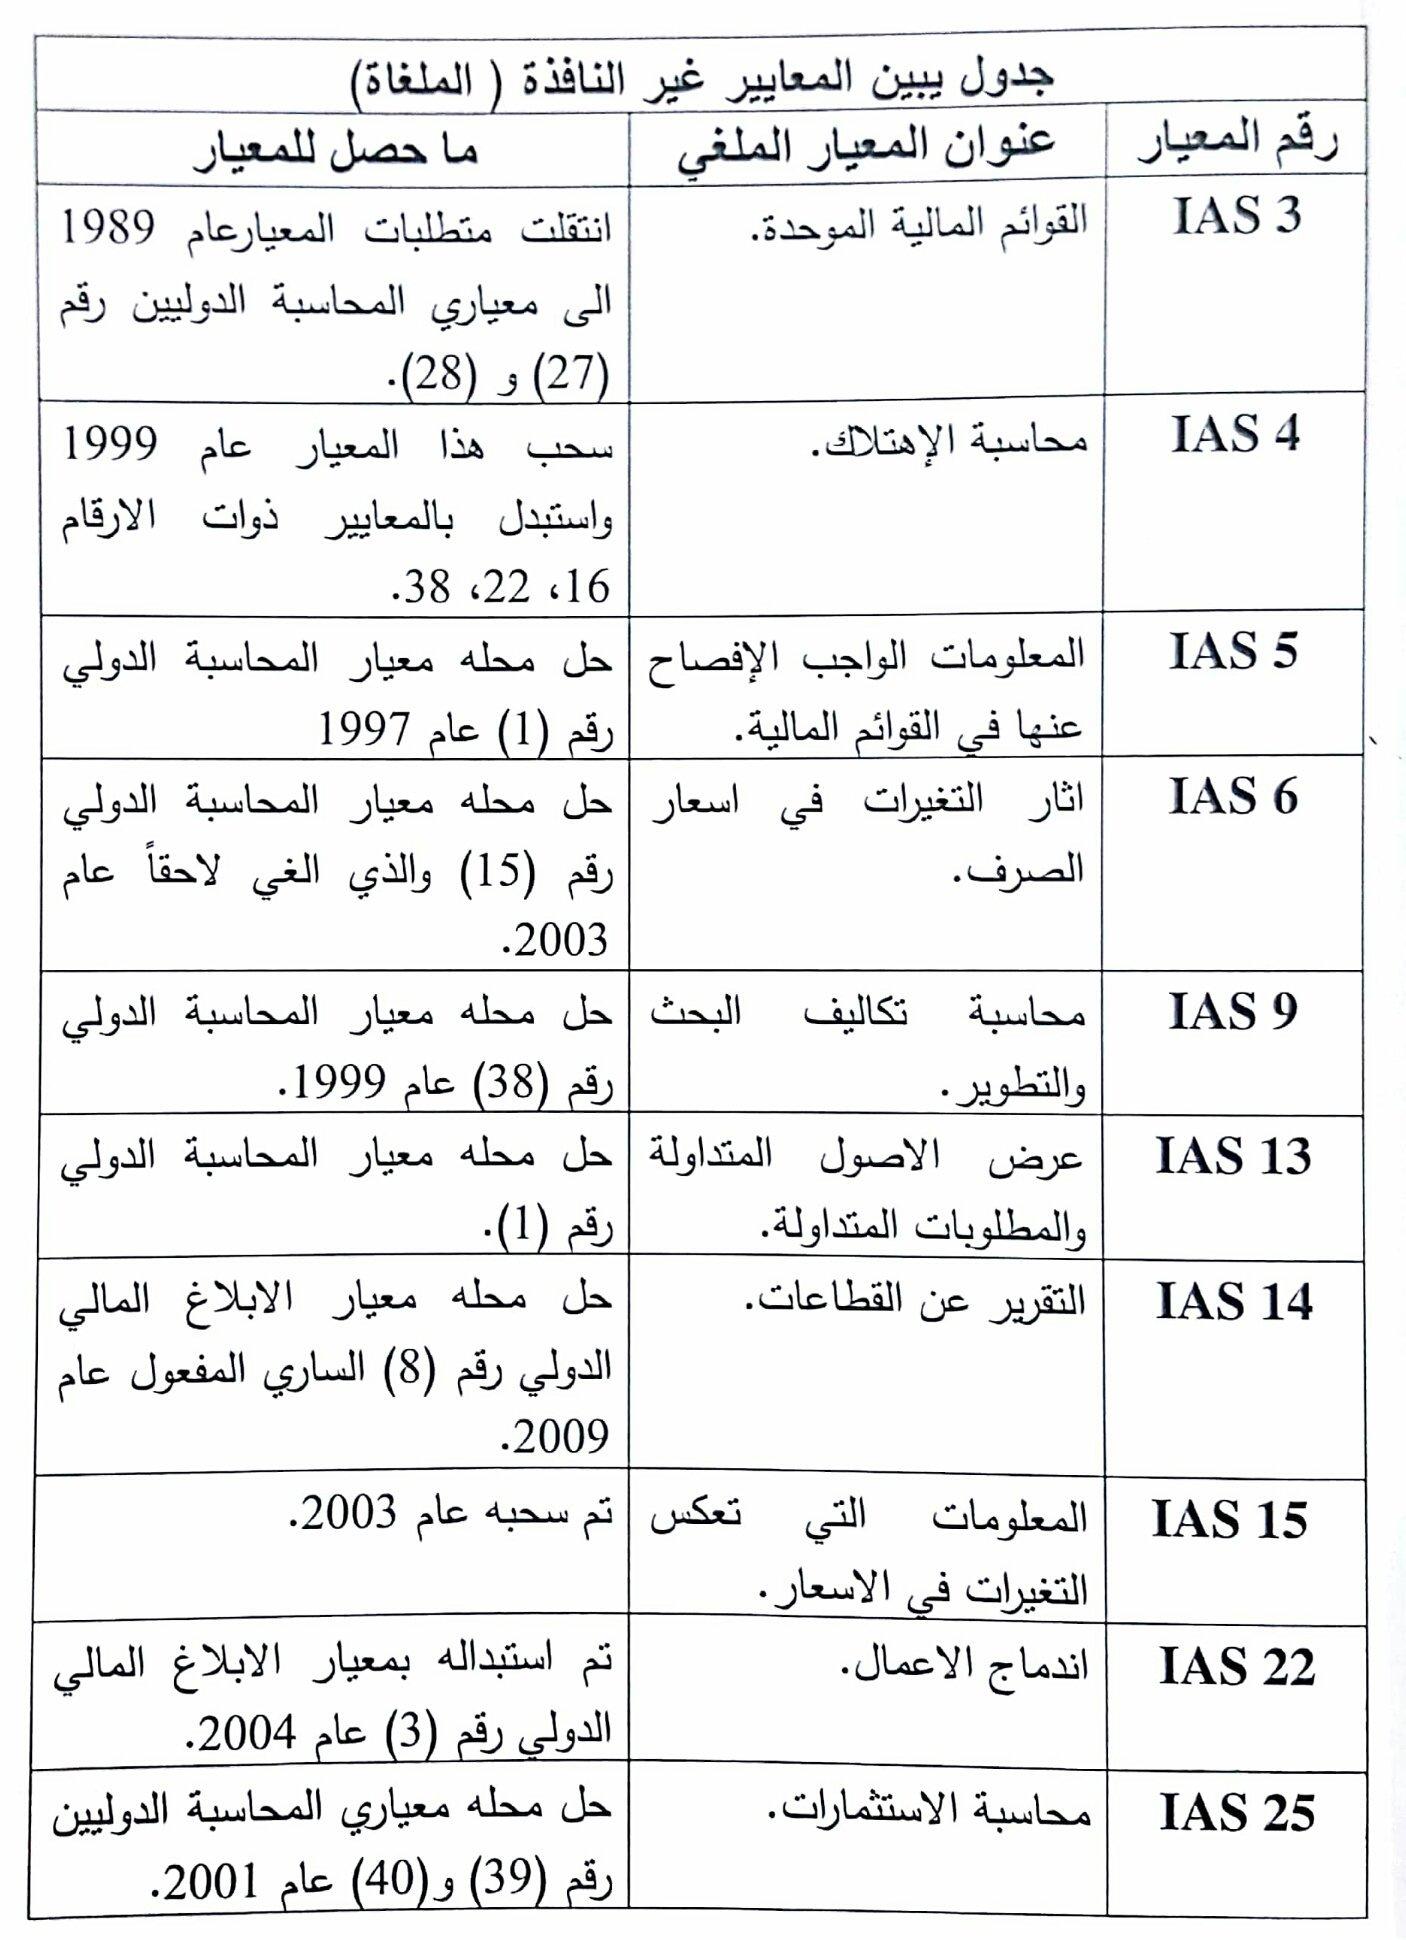 كتاب معايير المحاسبة والابلاغ المالي الدولية محمد أبو نصار pdf 2019